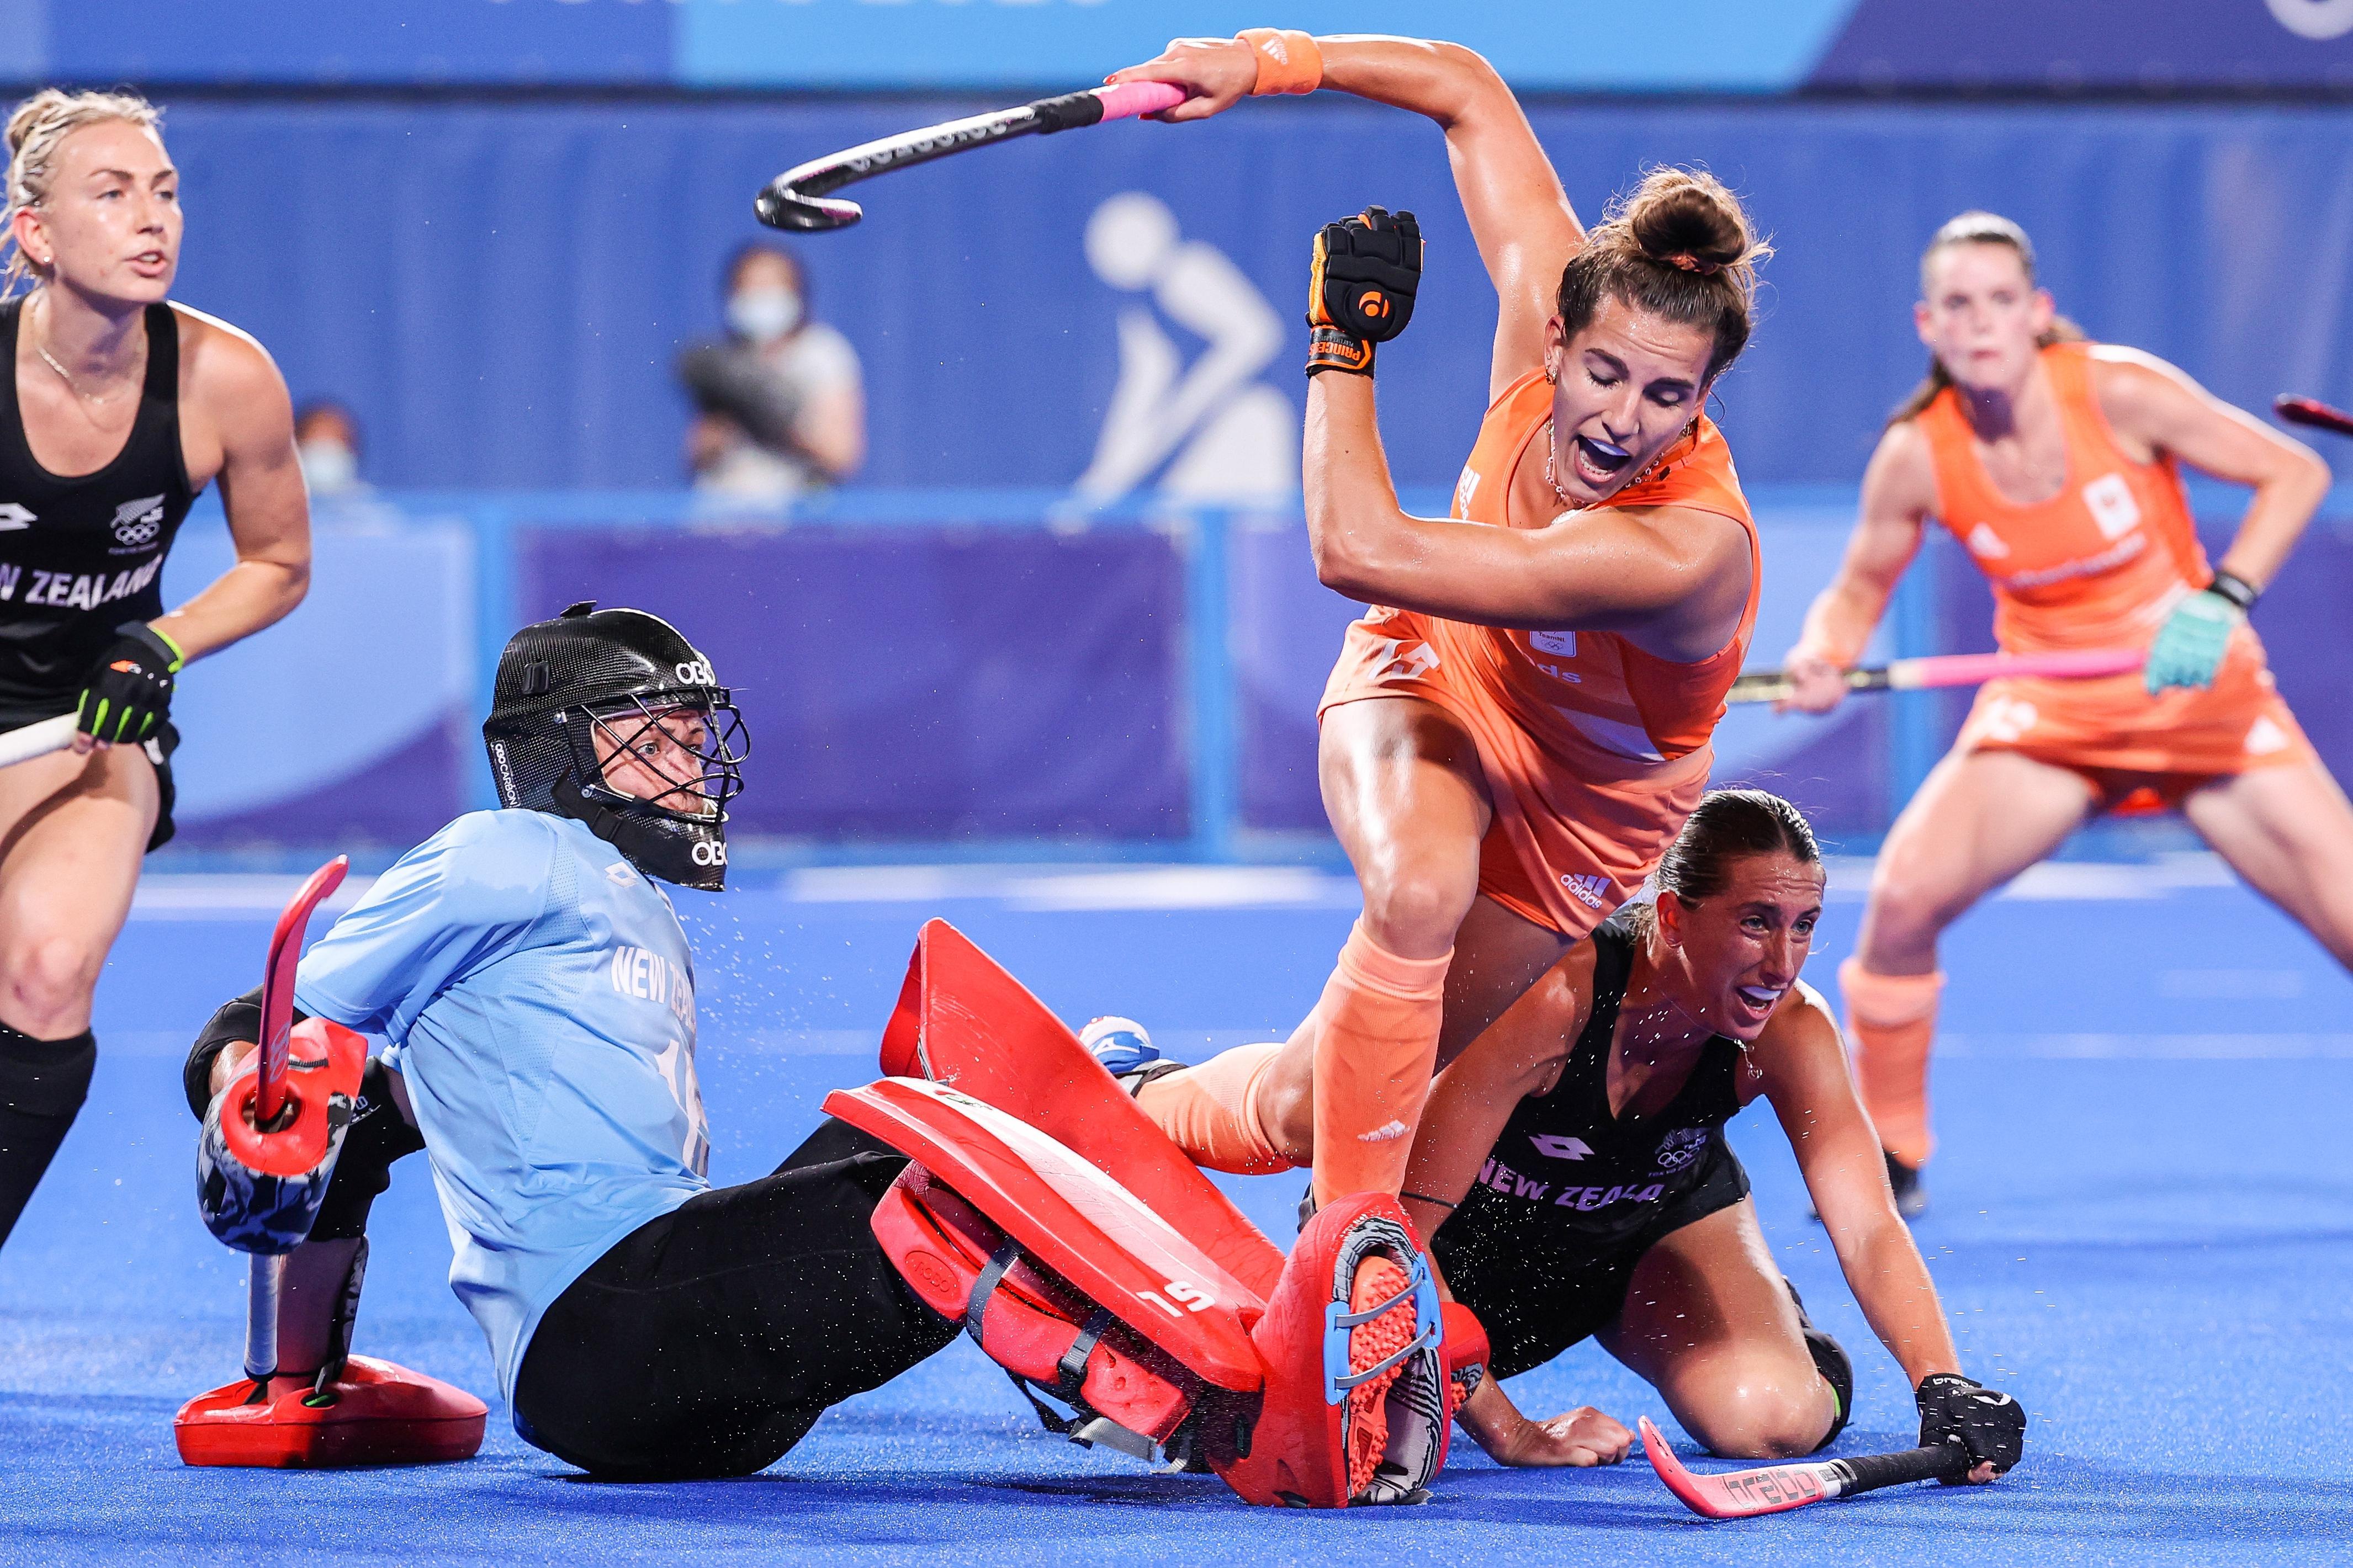 Bondscoach Annan van de hockeyvrouwen geeft zelden complimentjes, maar na het duel met Nieuw-Zeeland doet ze dat wel. 'Dit was een heel fijne wedstrijd'